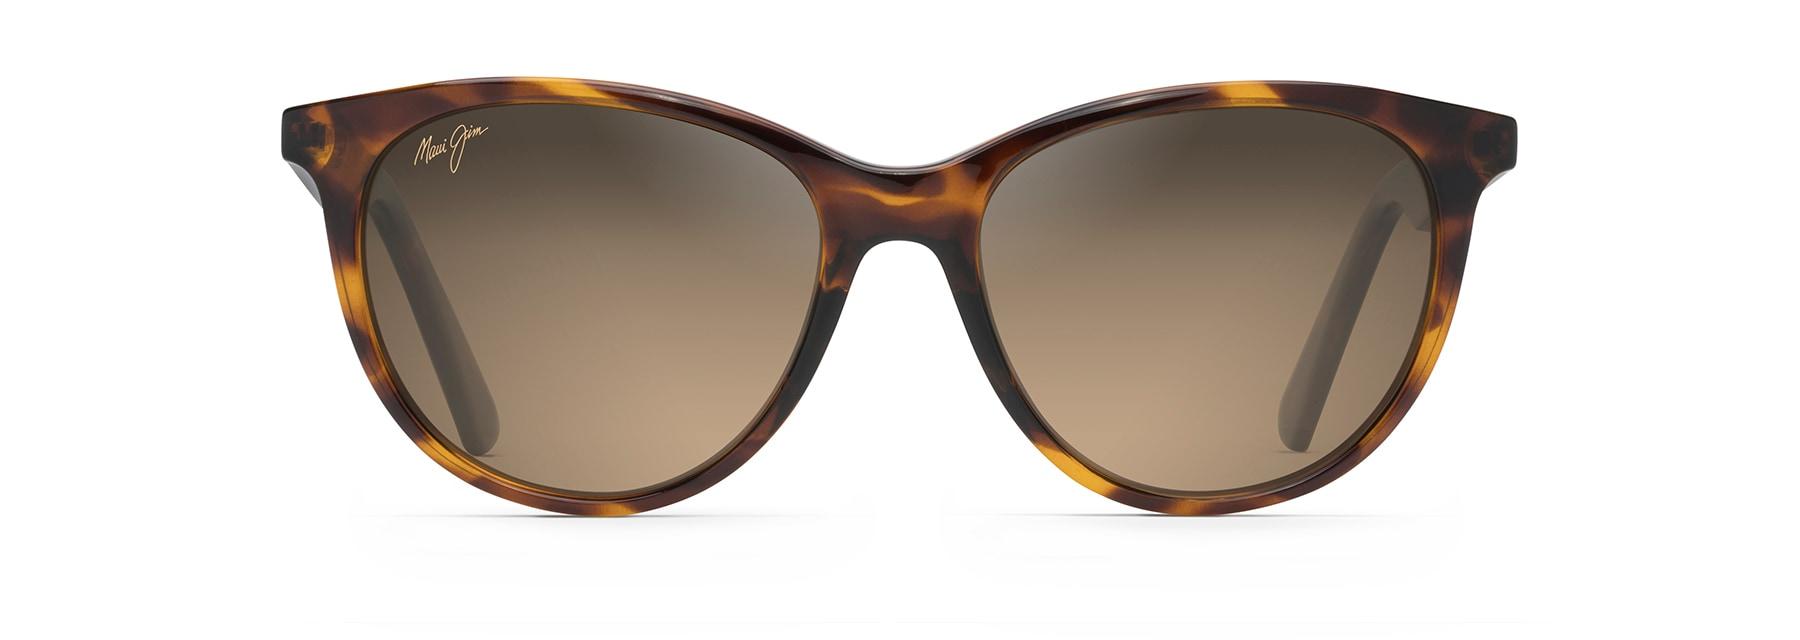 673e0ecdc013 Cathedrals Polarized Sunglasses